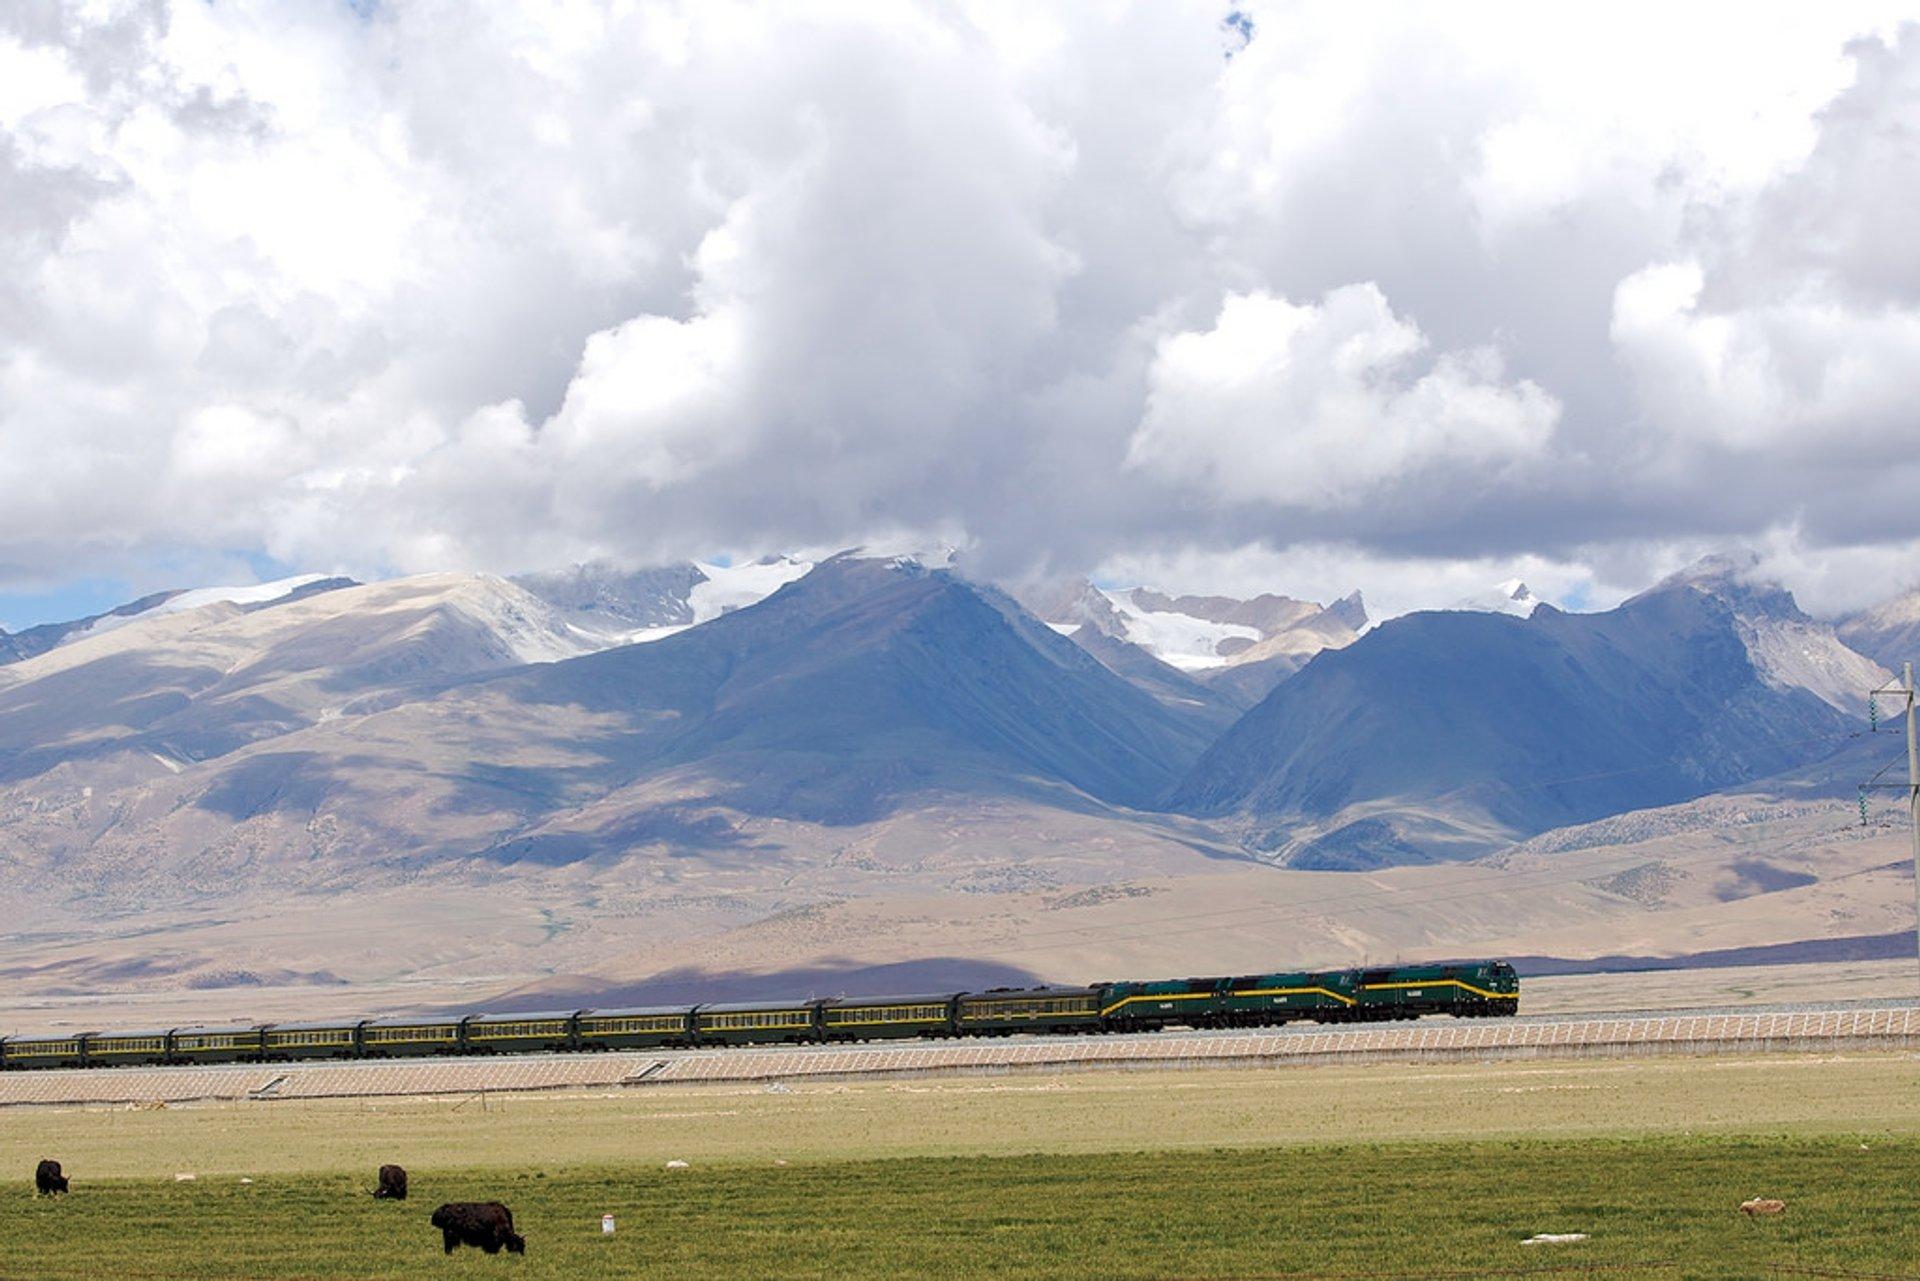 Qinghai-Tibet Railway in Tibet 2019 - Best Time